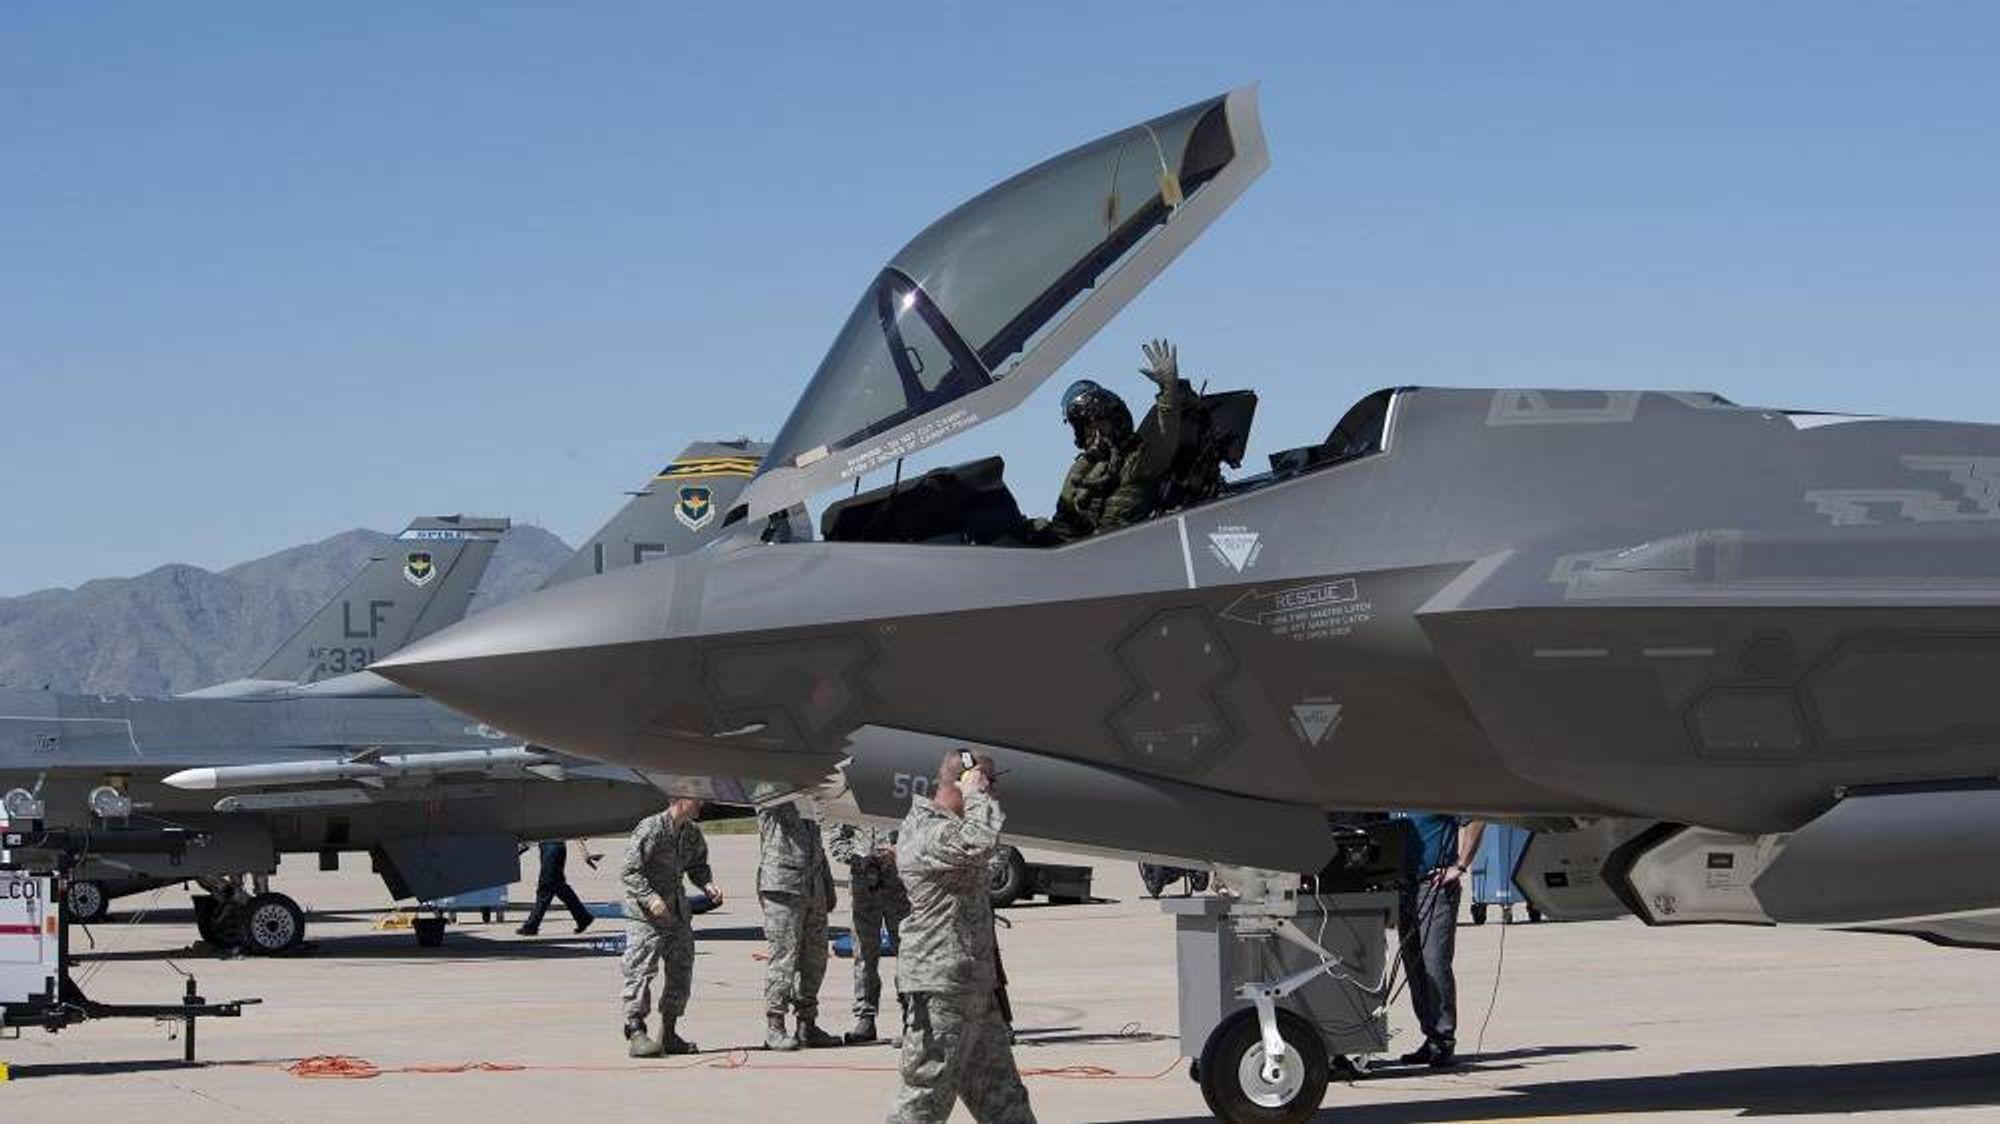 Dette var blant de første av 144 planlagte F-35-fly på Luke Air Force Base som kom dit i 2013.